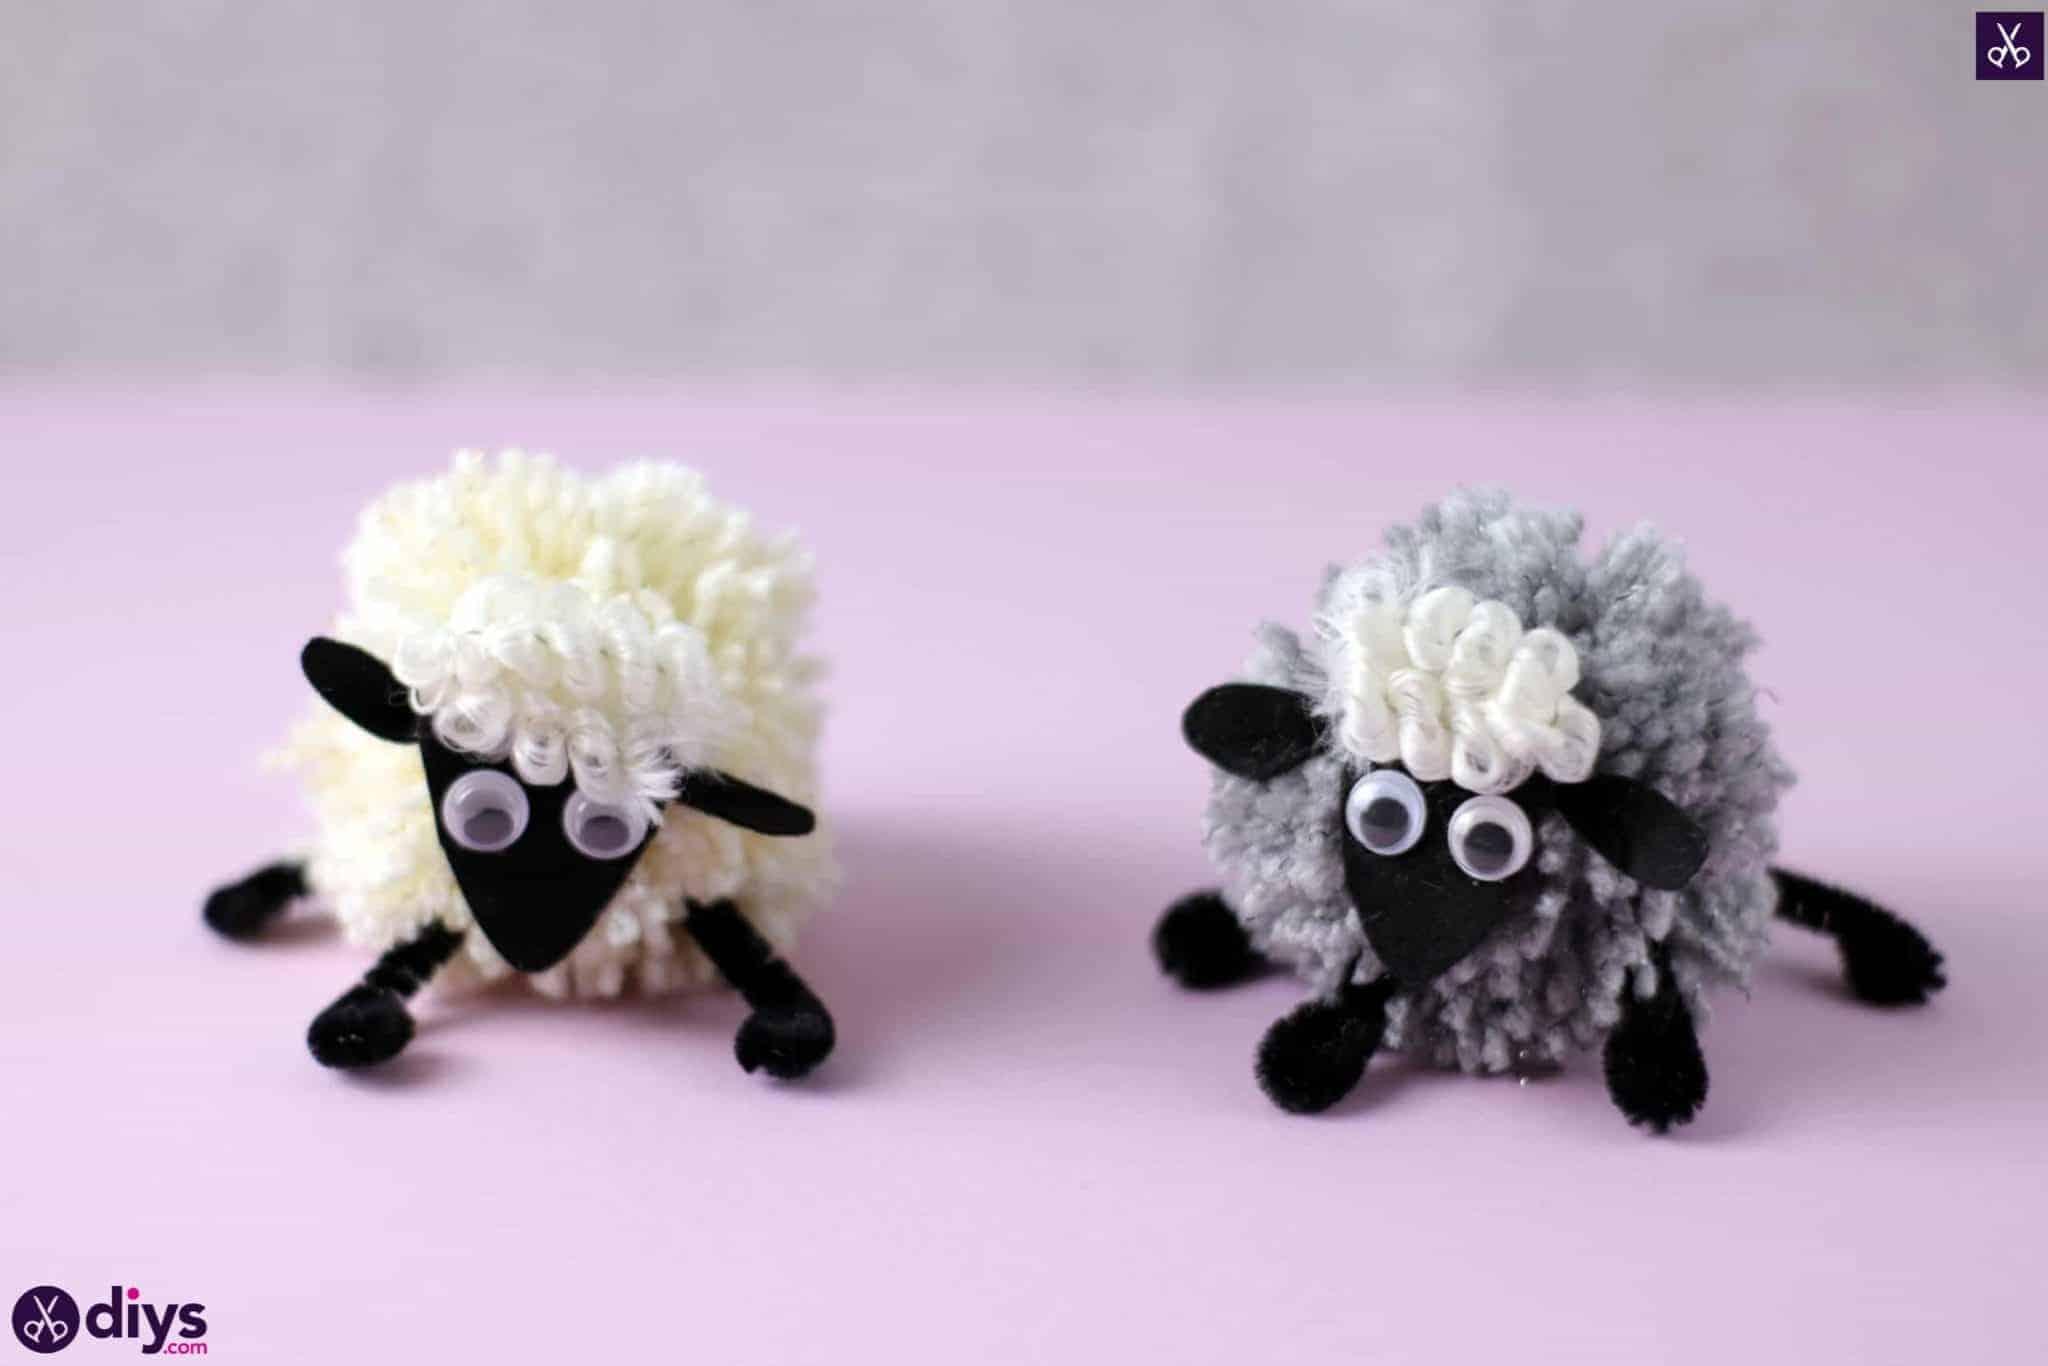 Diy funny pom pom sheep for kids craft